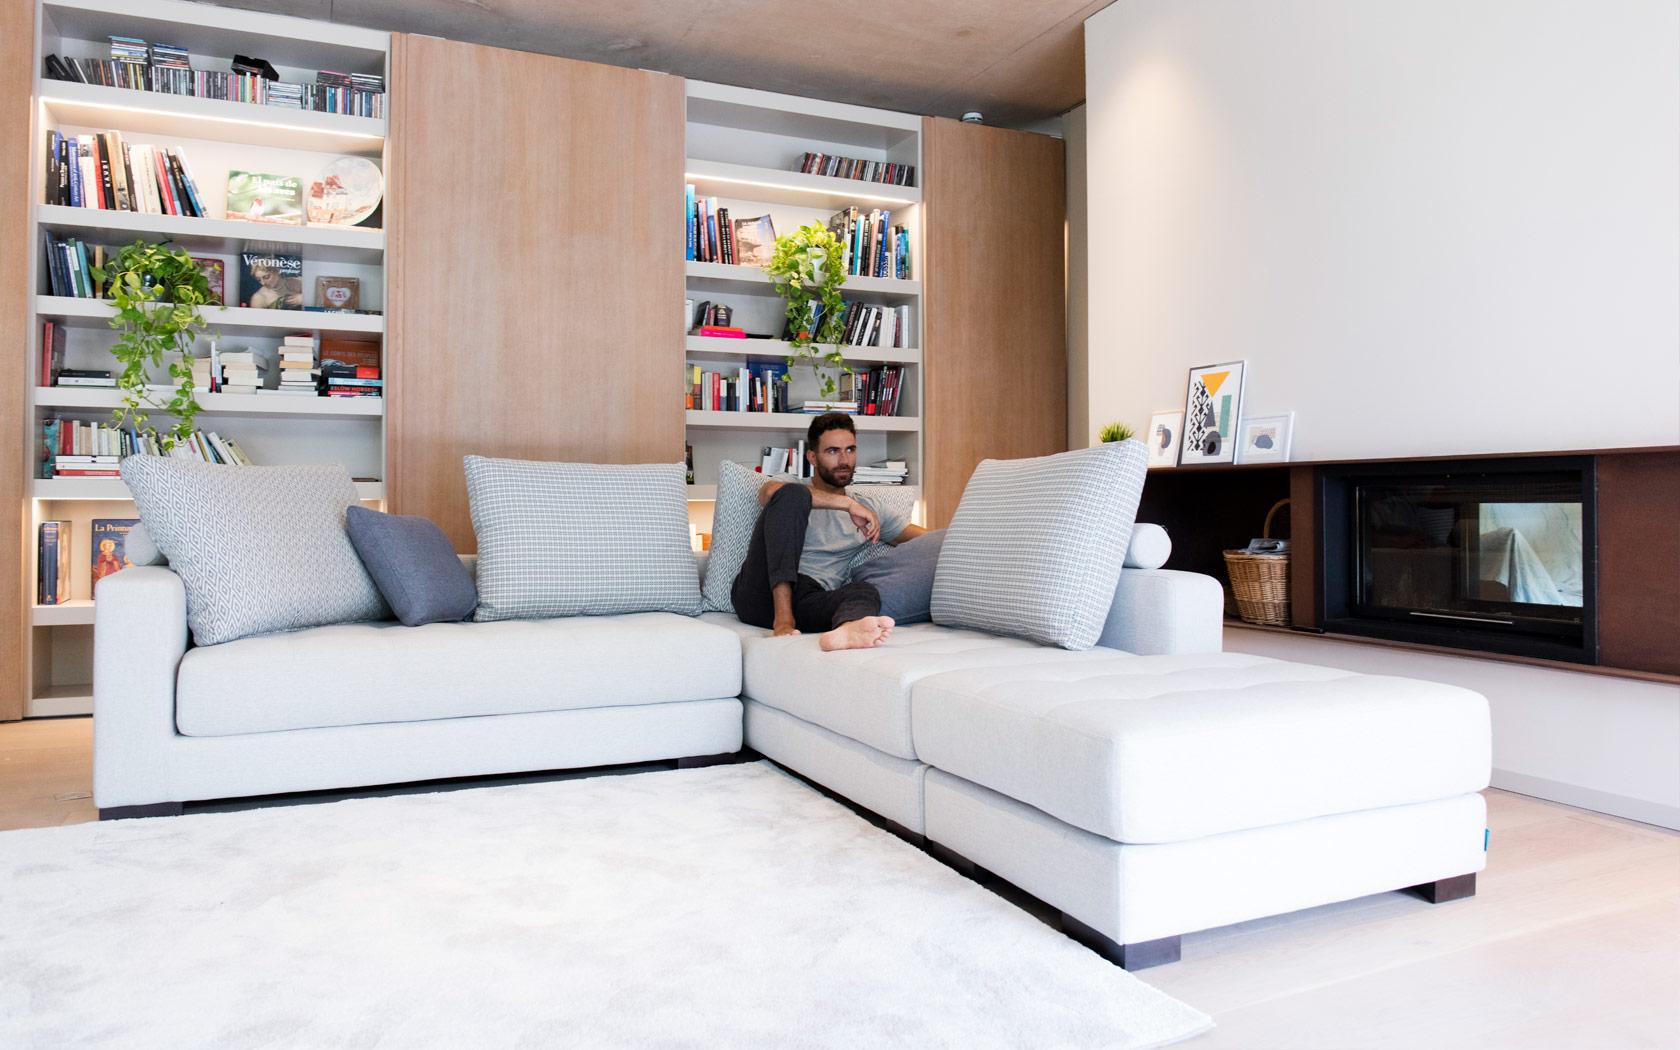 Manacor sofa Fama 2020 09